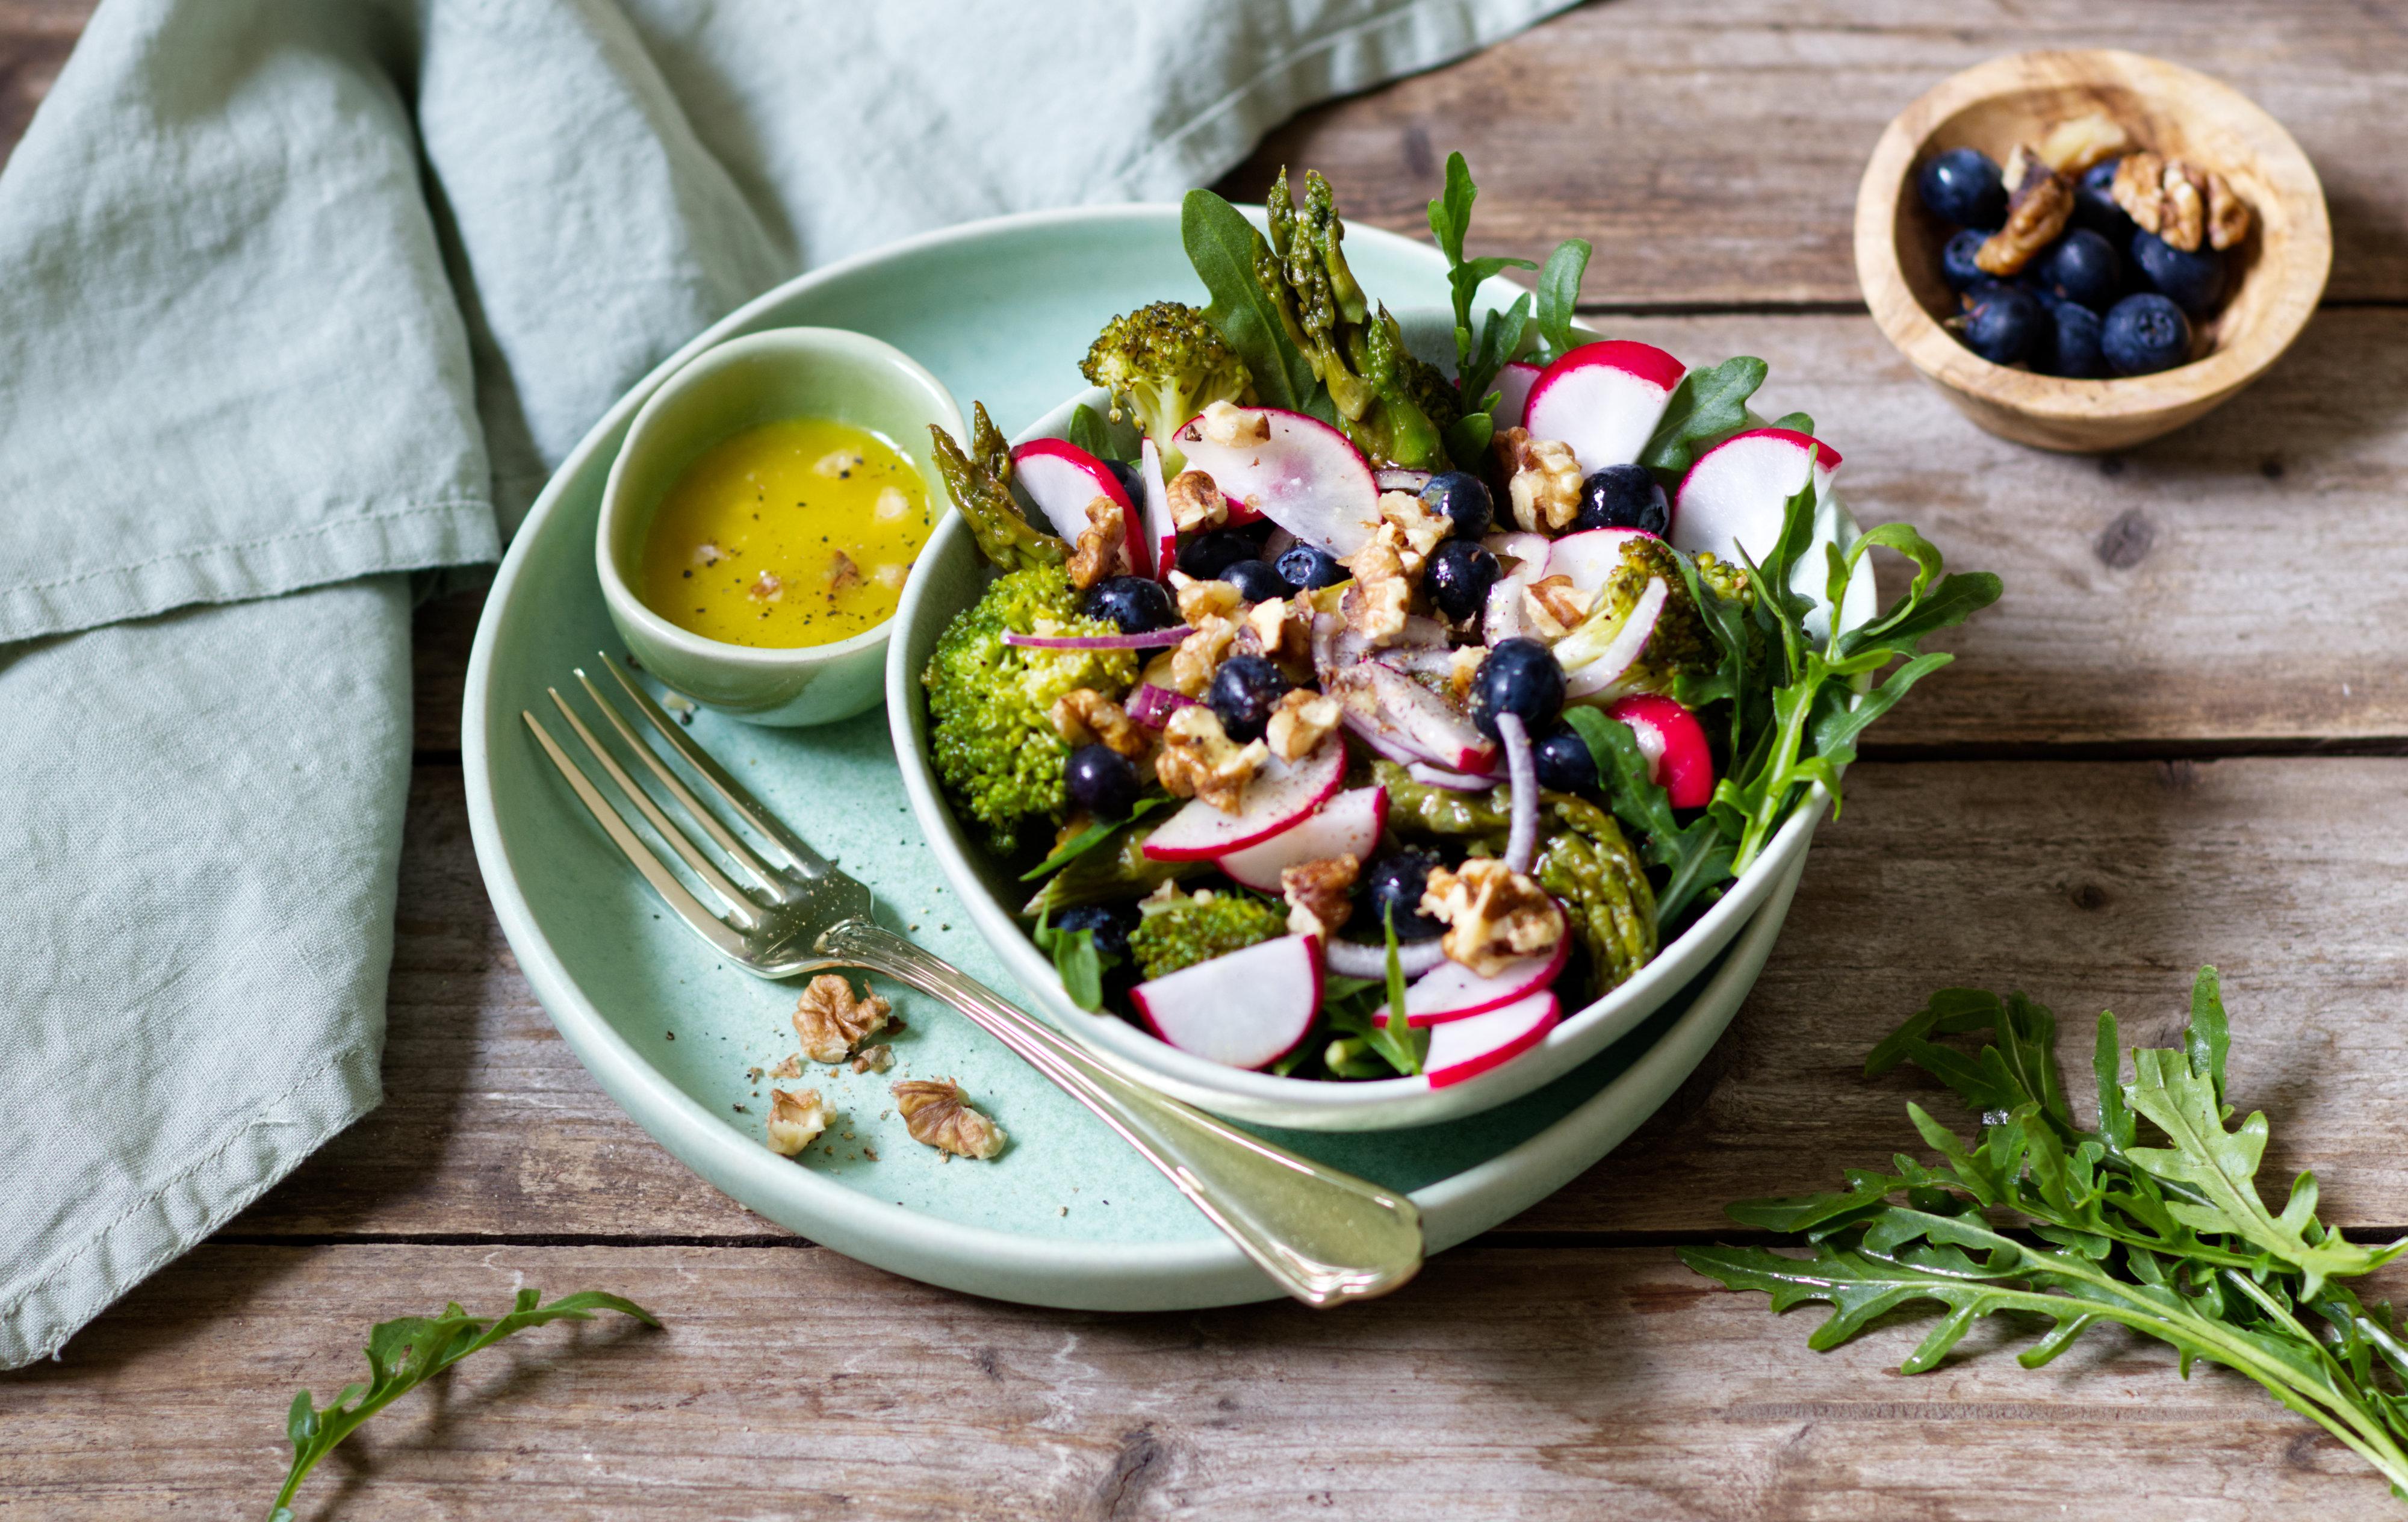 Spargel-Brokkoli-Salat mit Heidelbeeren